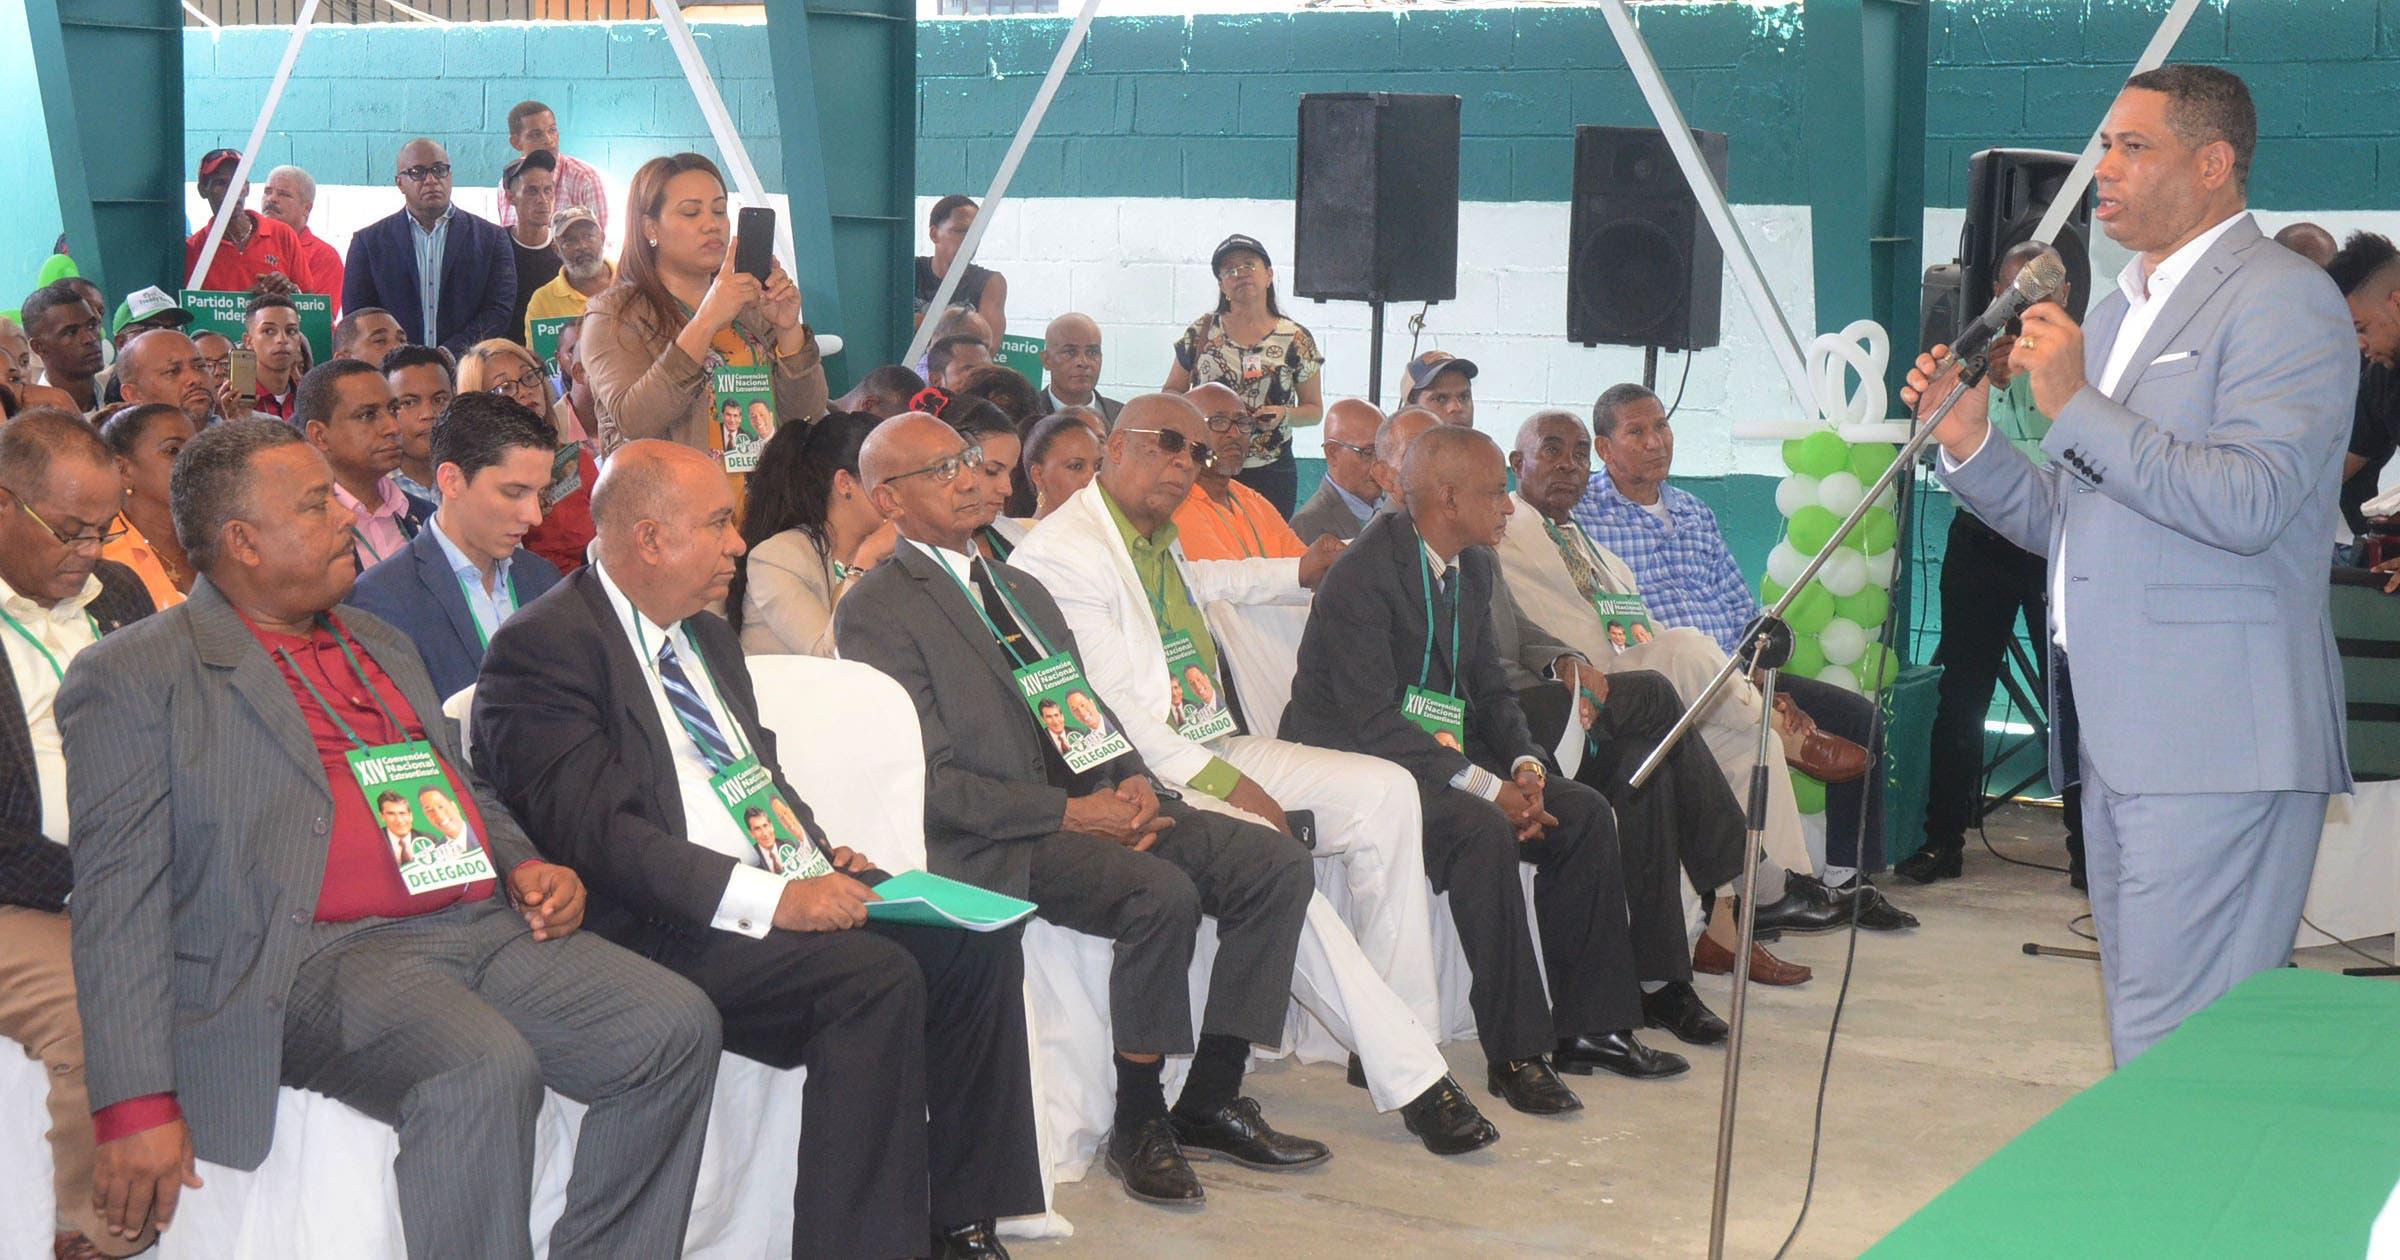 El PRI realizó su XIV Convención Nacional Extraordinaria de Delegados/foto: José de León